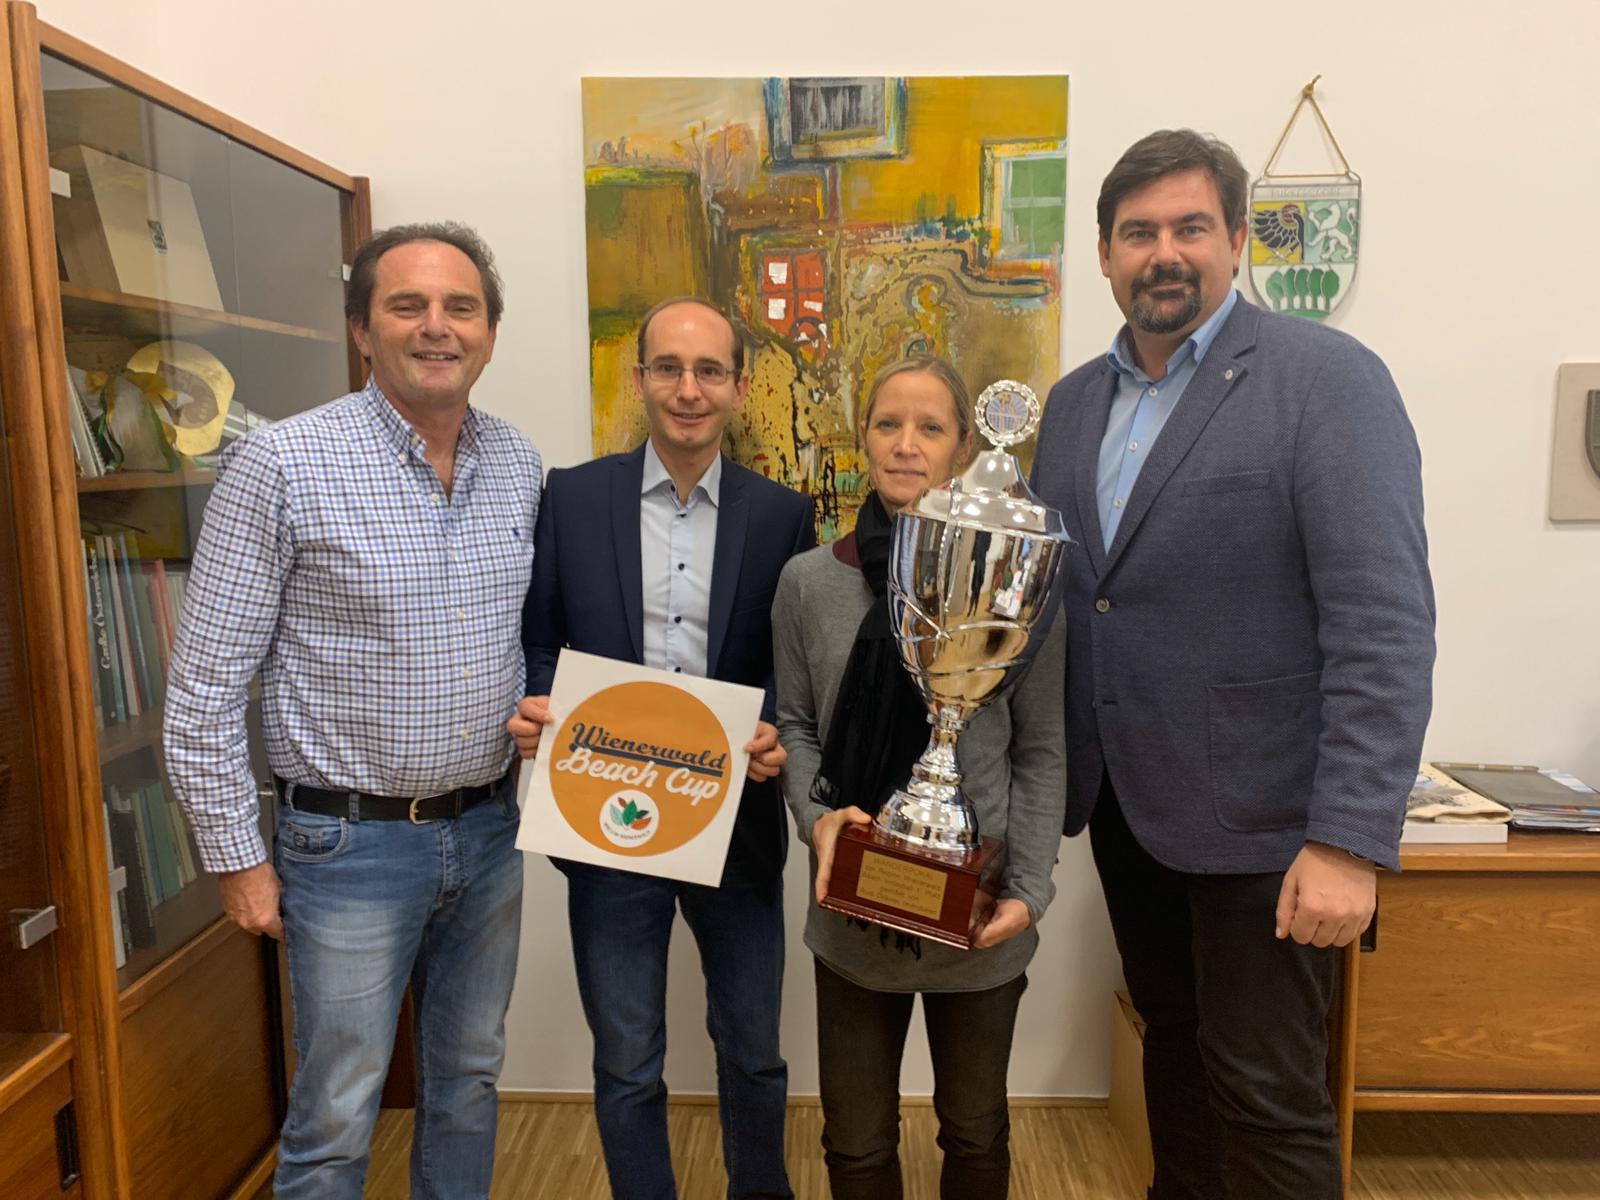 Sieger des Wienerwald Beach Cups 2019 gekürt